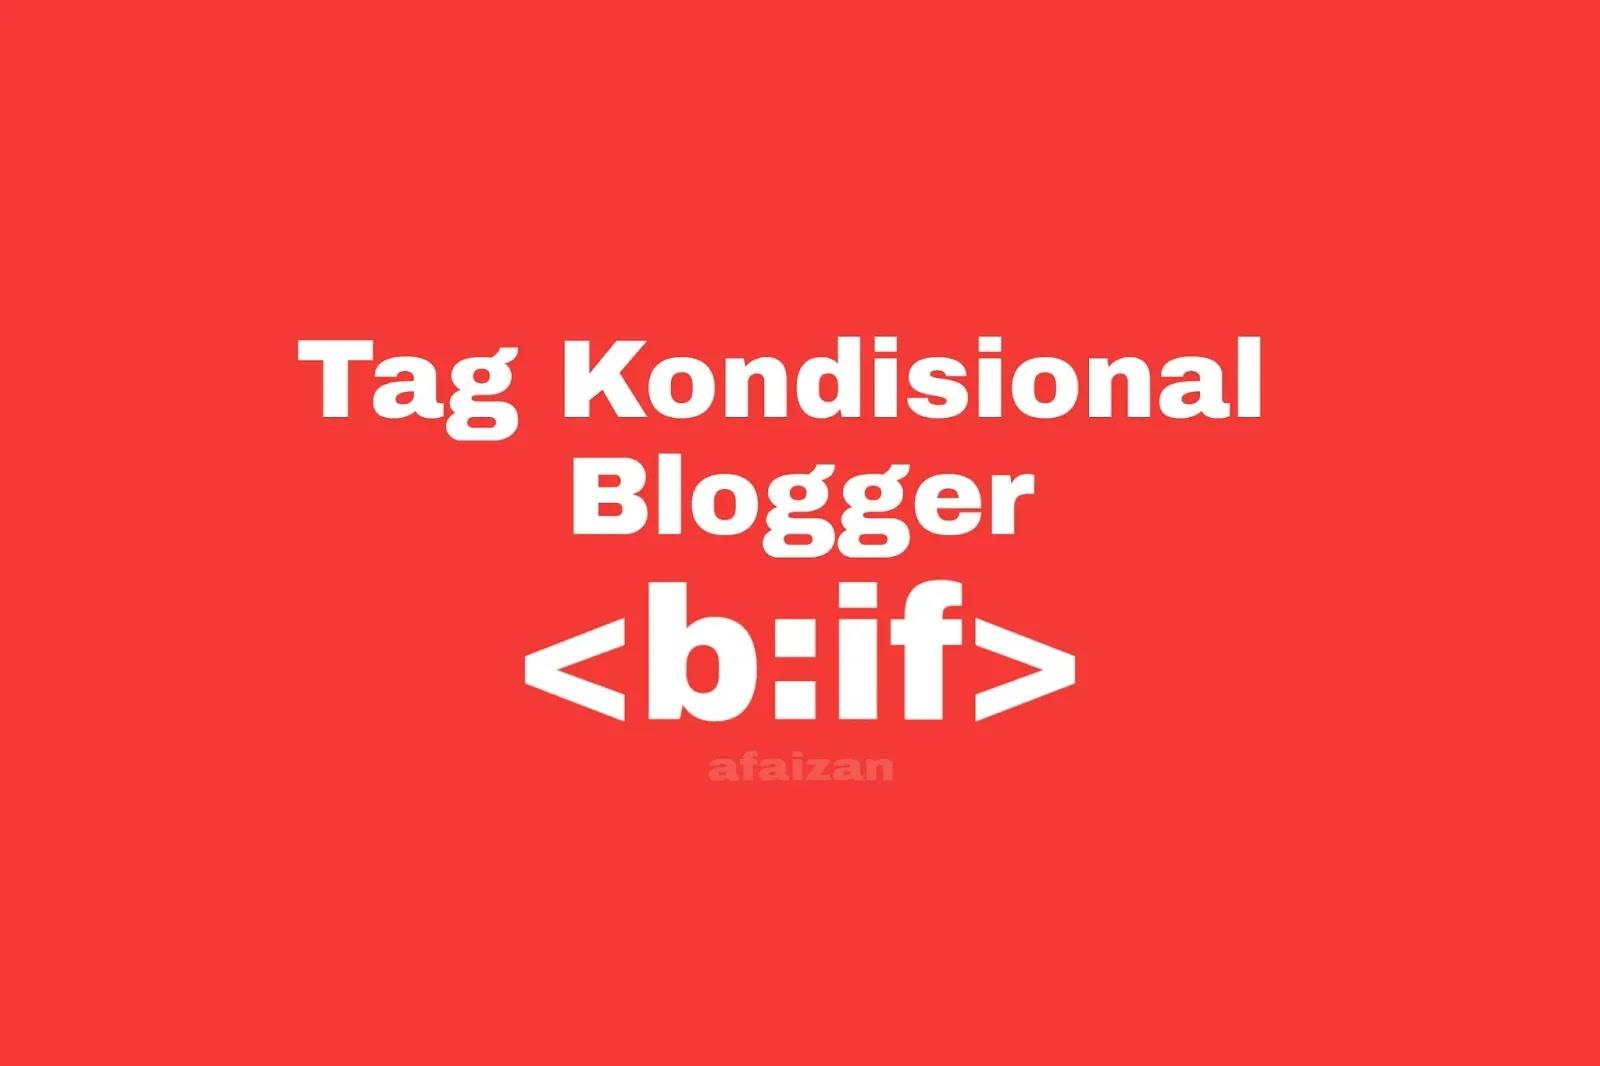 Inilah Kumpulan Tag Kondisional Blogger Terbaru